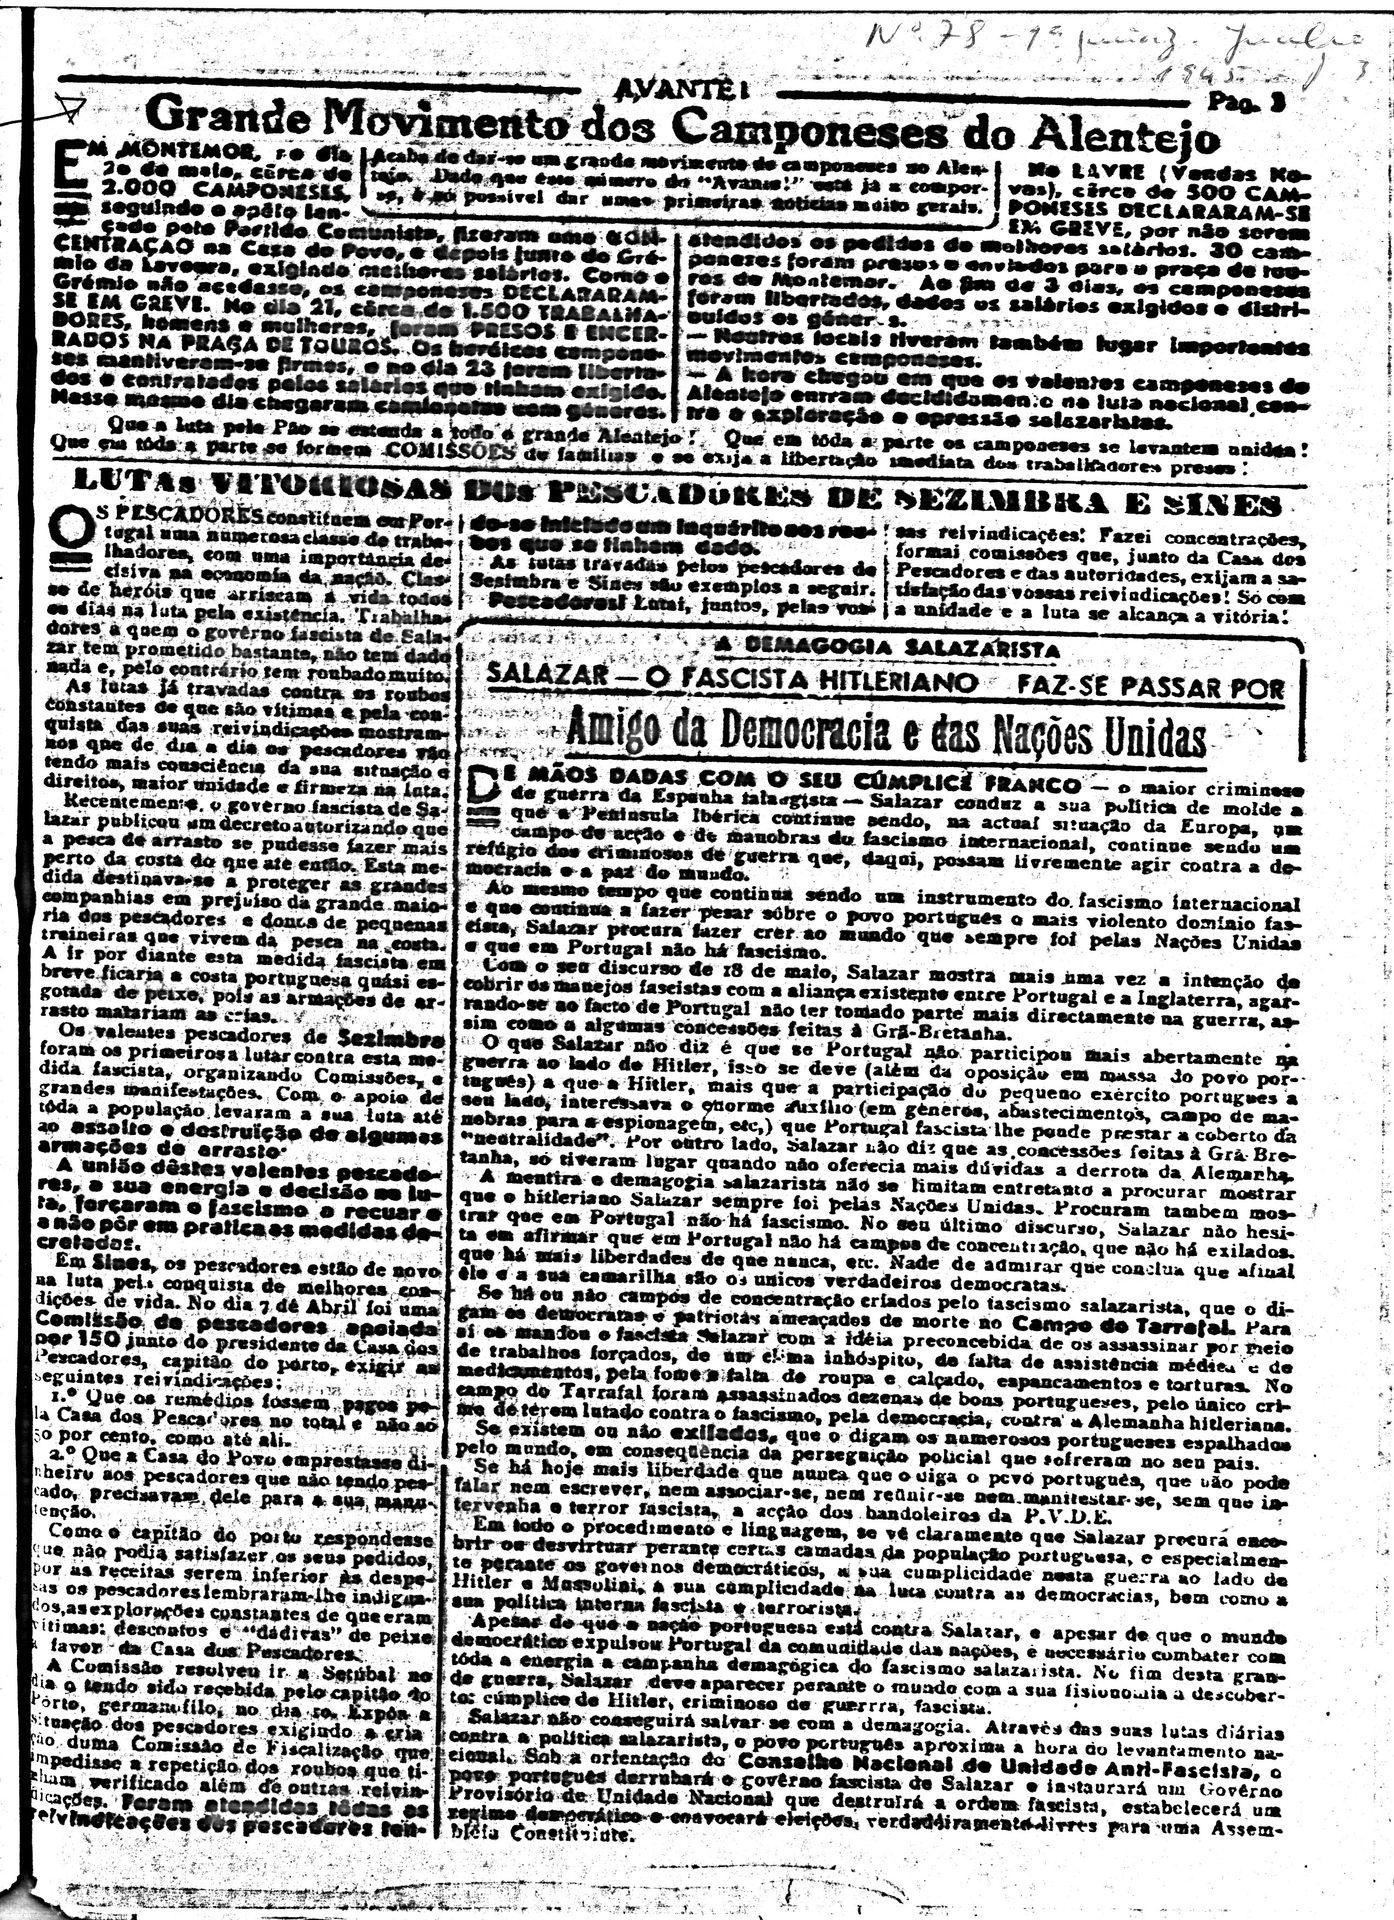 Jornal clandestino Avante com notícias de Montemor-o-Novo, 1945